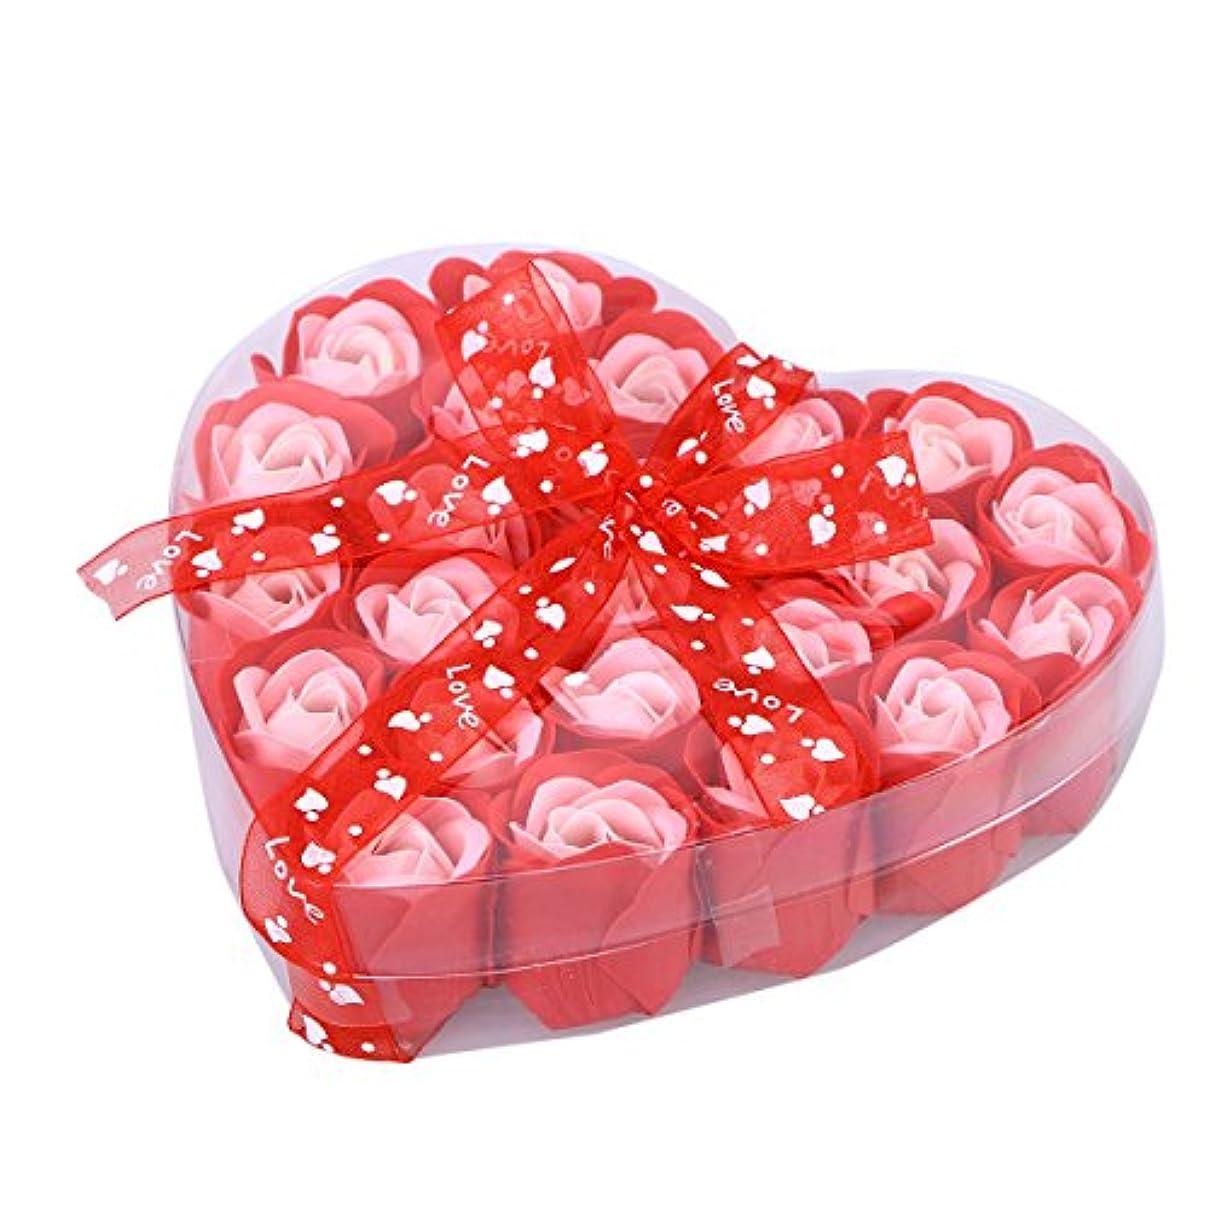 入植者ラジウム発表するFrcolor 香り付きバスソープ ハートボックスにバラ形のソープ 飾り物 ギフト 24個入